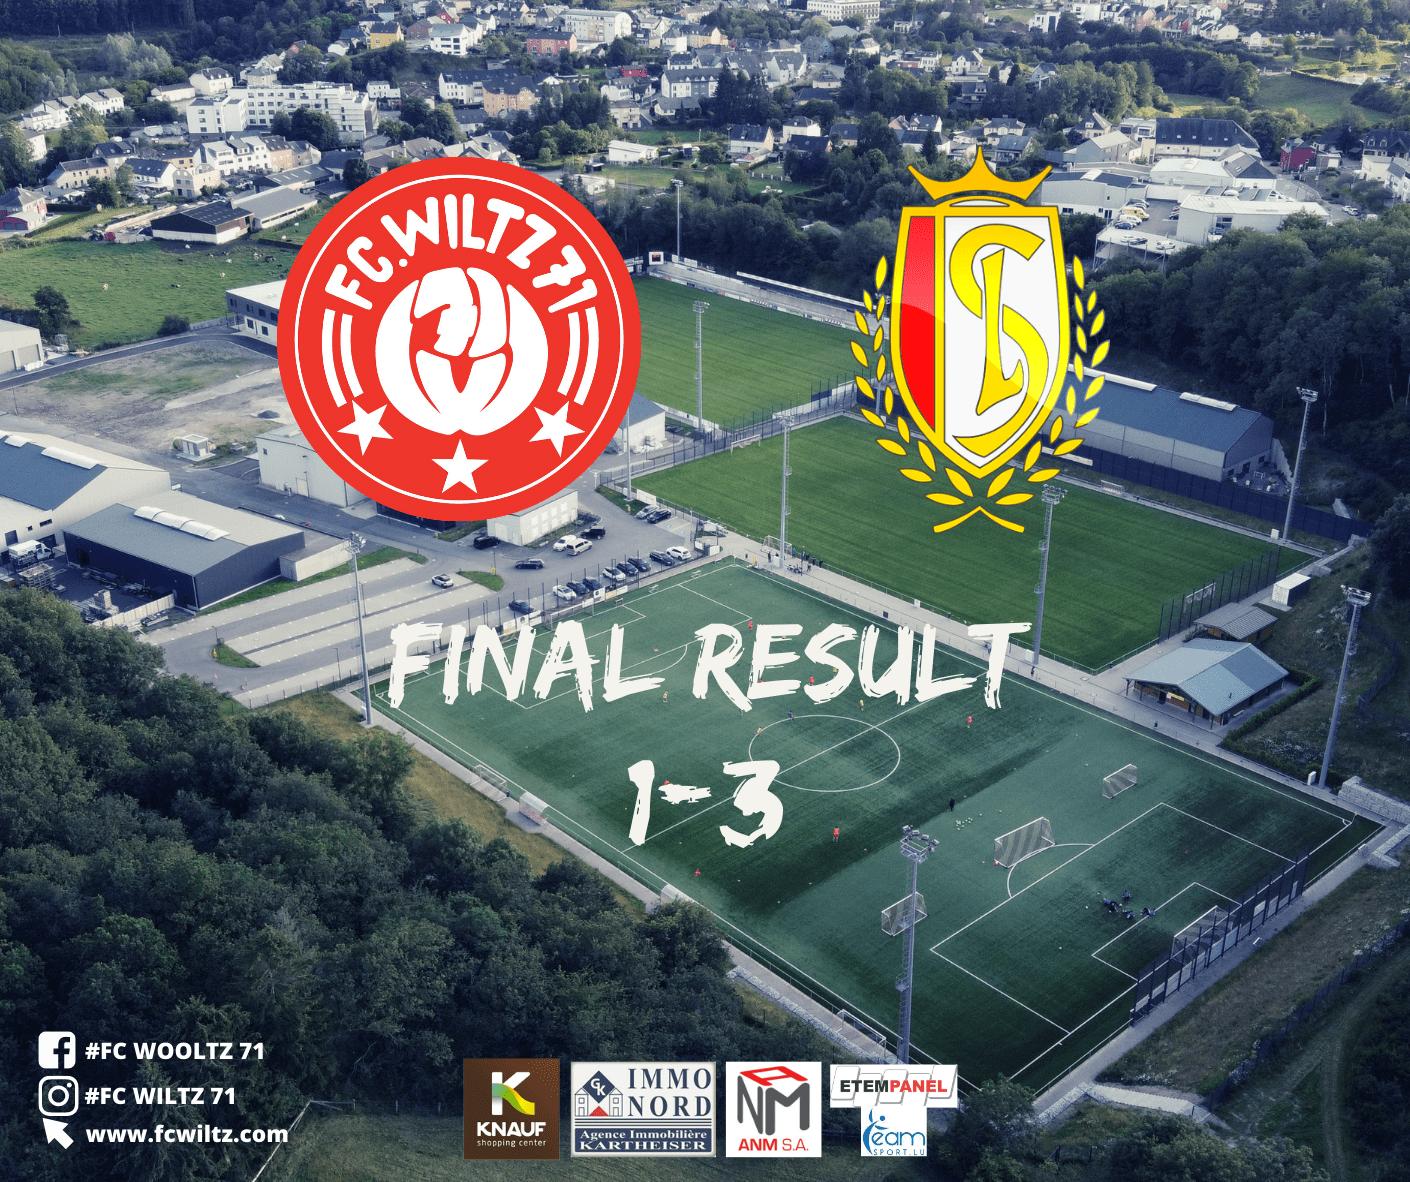 Final result: 1-3